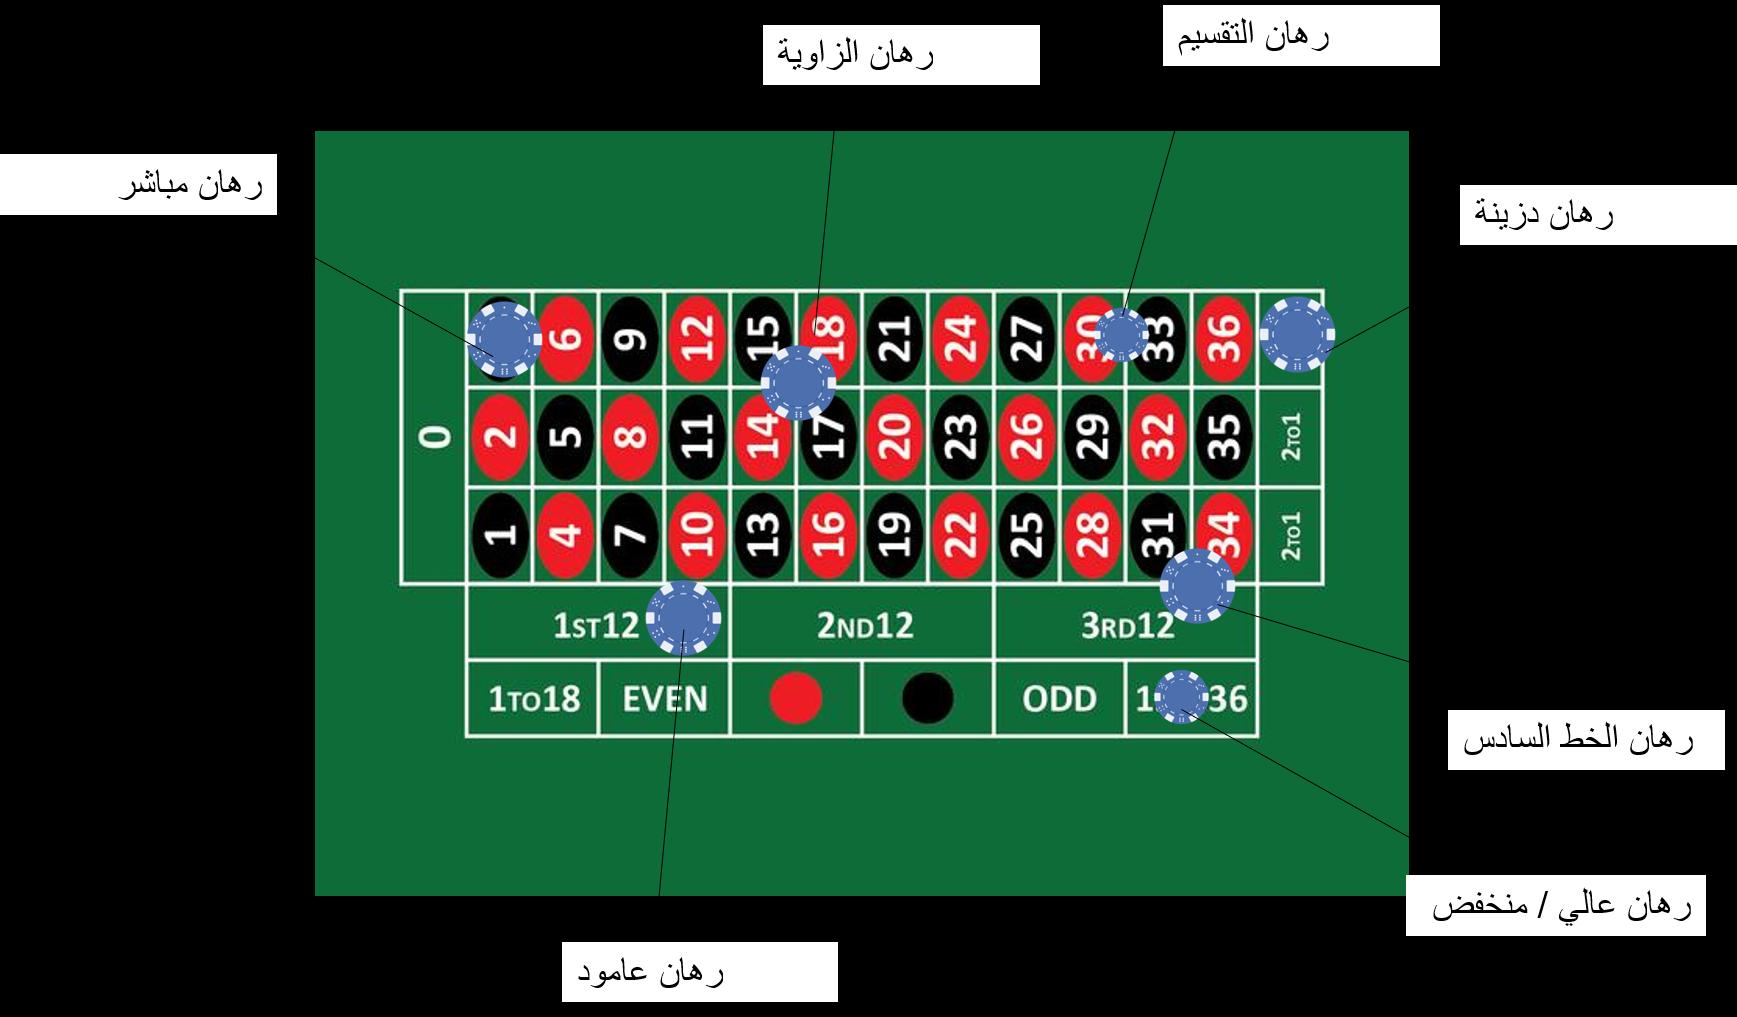 استراتيجية العشرات والأعمدة - 49558